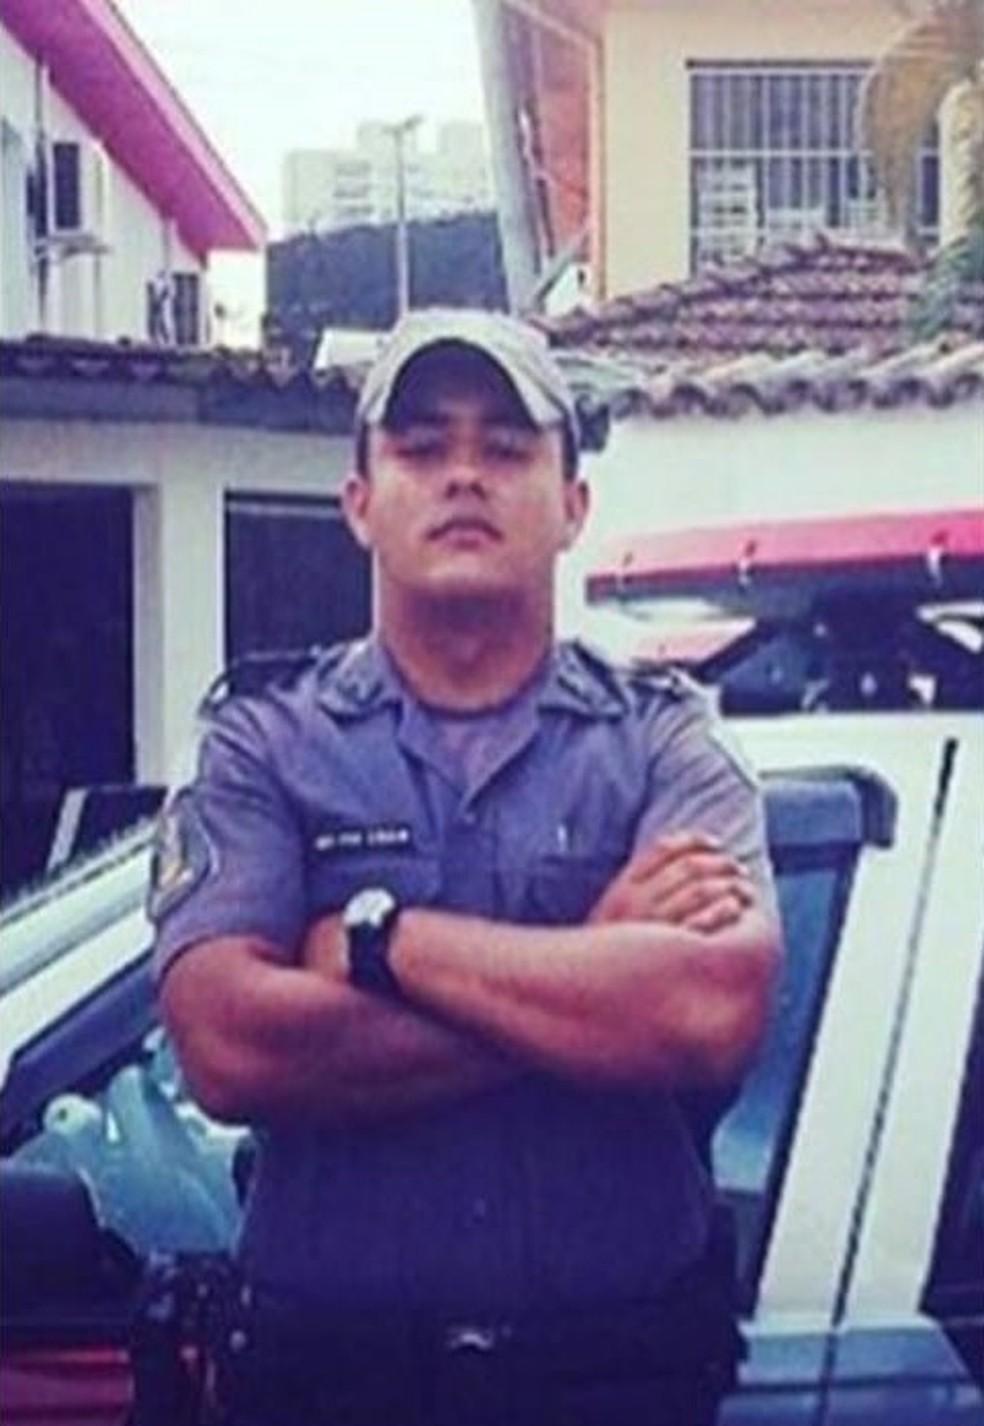 Policial envolvido em tiroteio no José Menino sofreu uma parada cardíaca e morreu no hospital. (Foto: Reprodução/ Facebook)